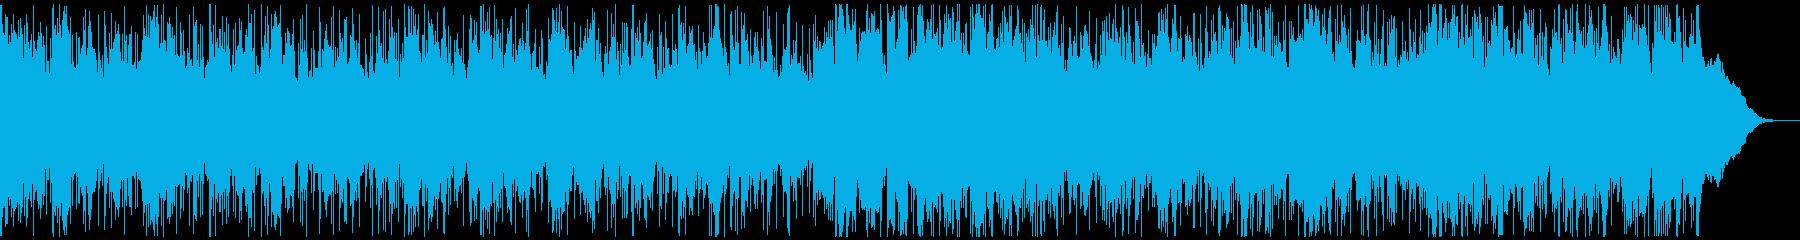 生音・切ないハーモニカのエモいポップの再生済みの波形